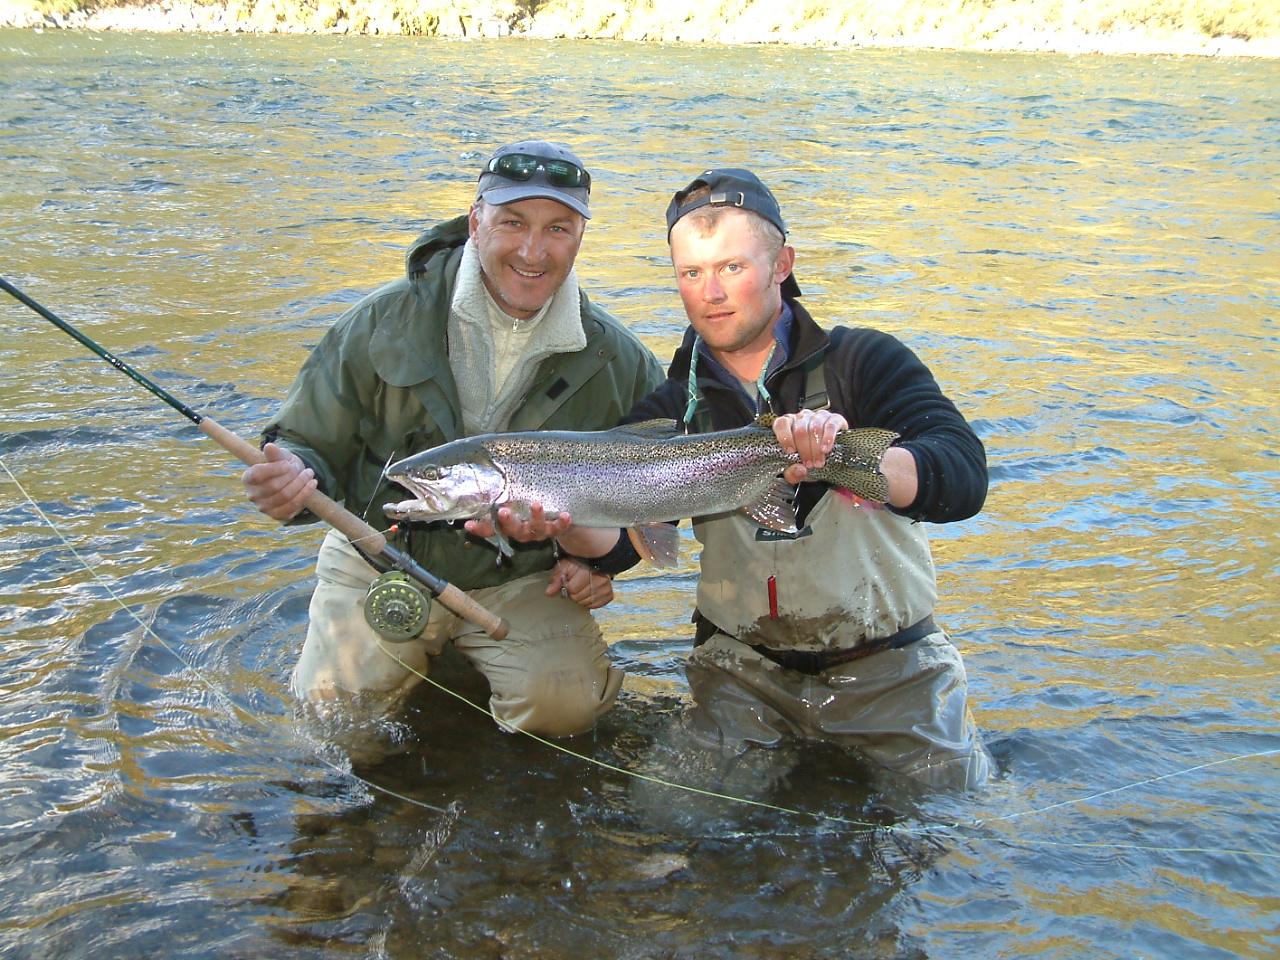 несколько предложений о рыбалке